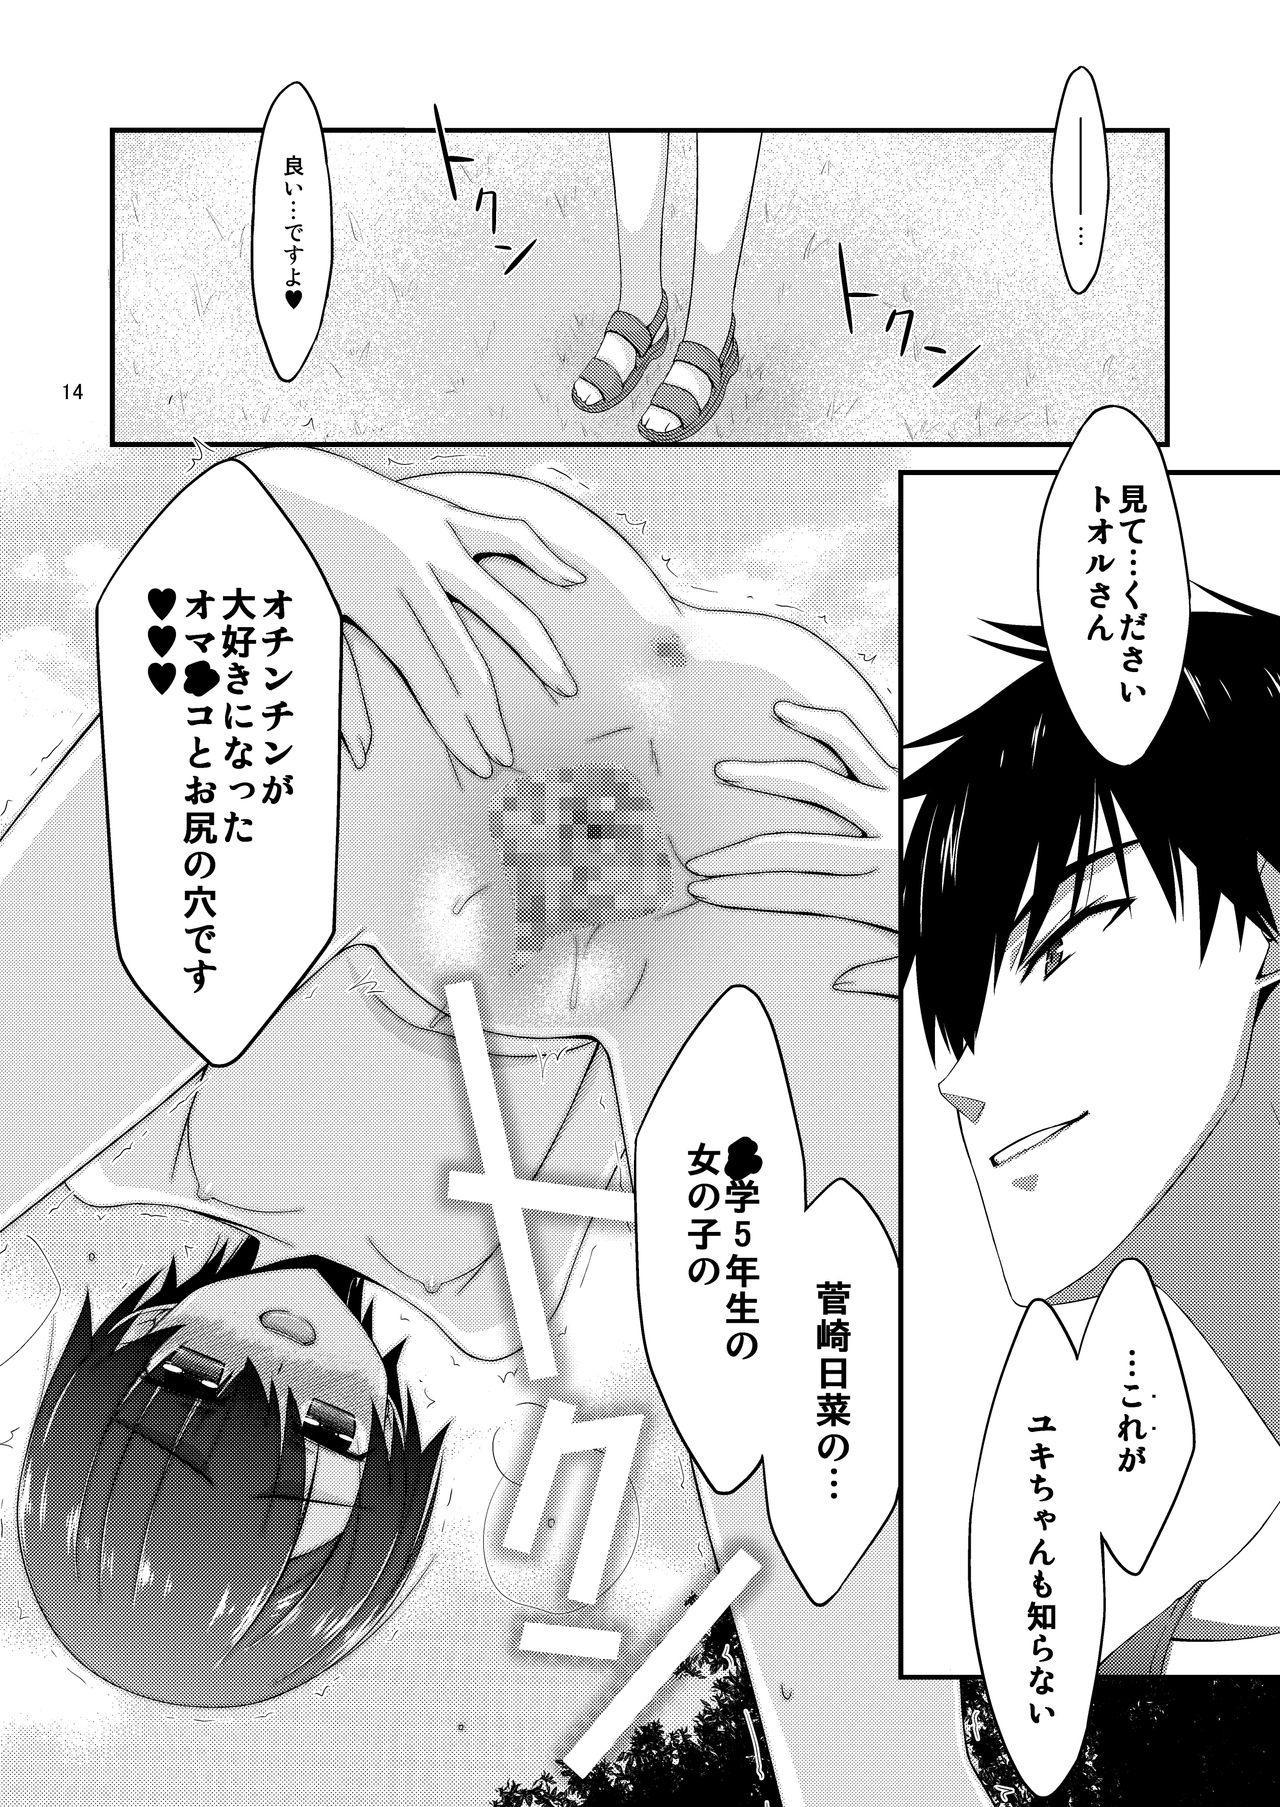 Anoko ga Aitsu no Omocha ni Natta Hi Kanzaki Hina Hen AFTER 13